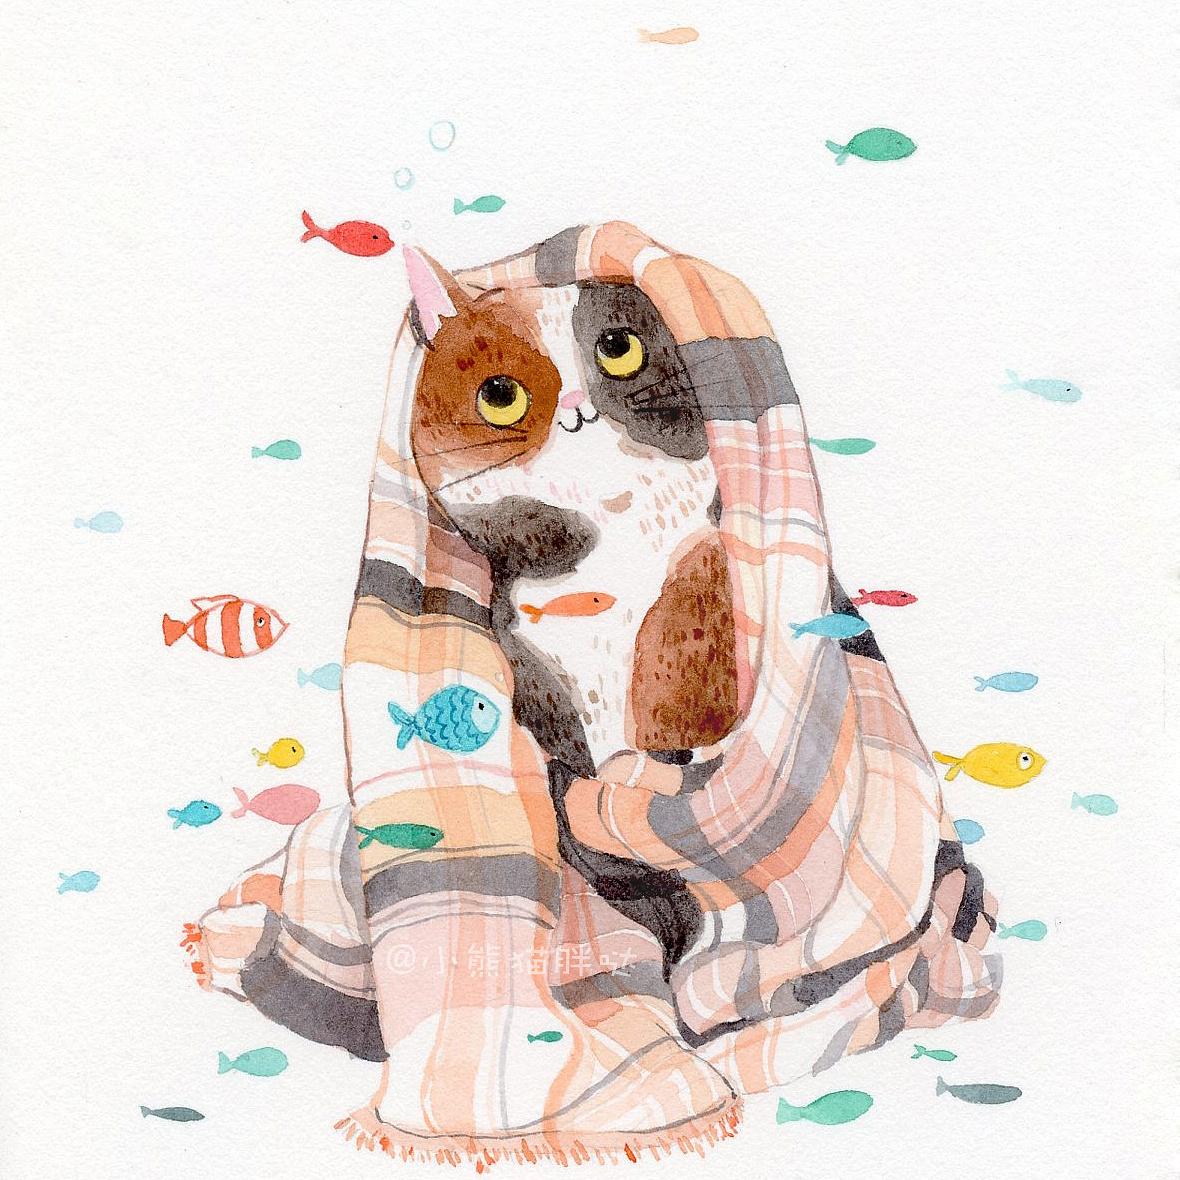 【小熊猫】水彩手绘人物水彩教程猫咪手绘猫与鱼图片